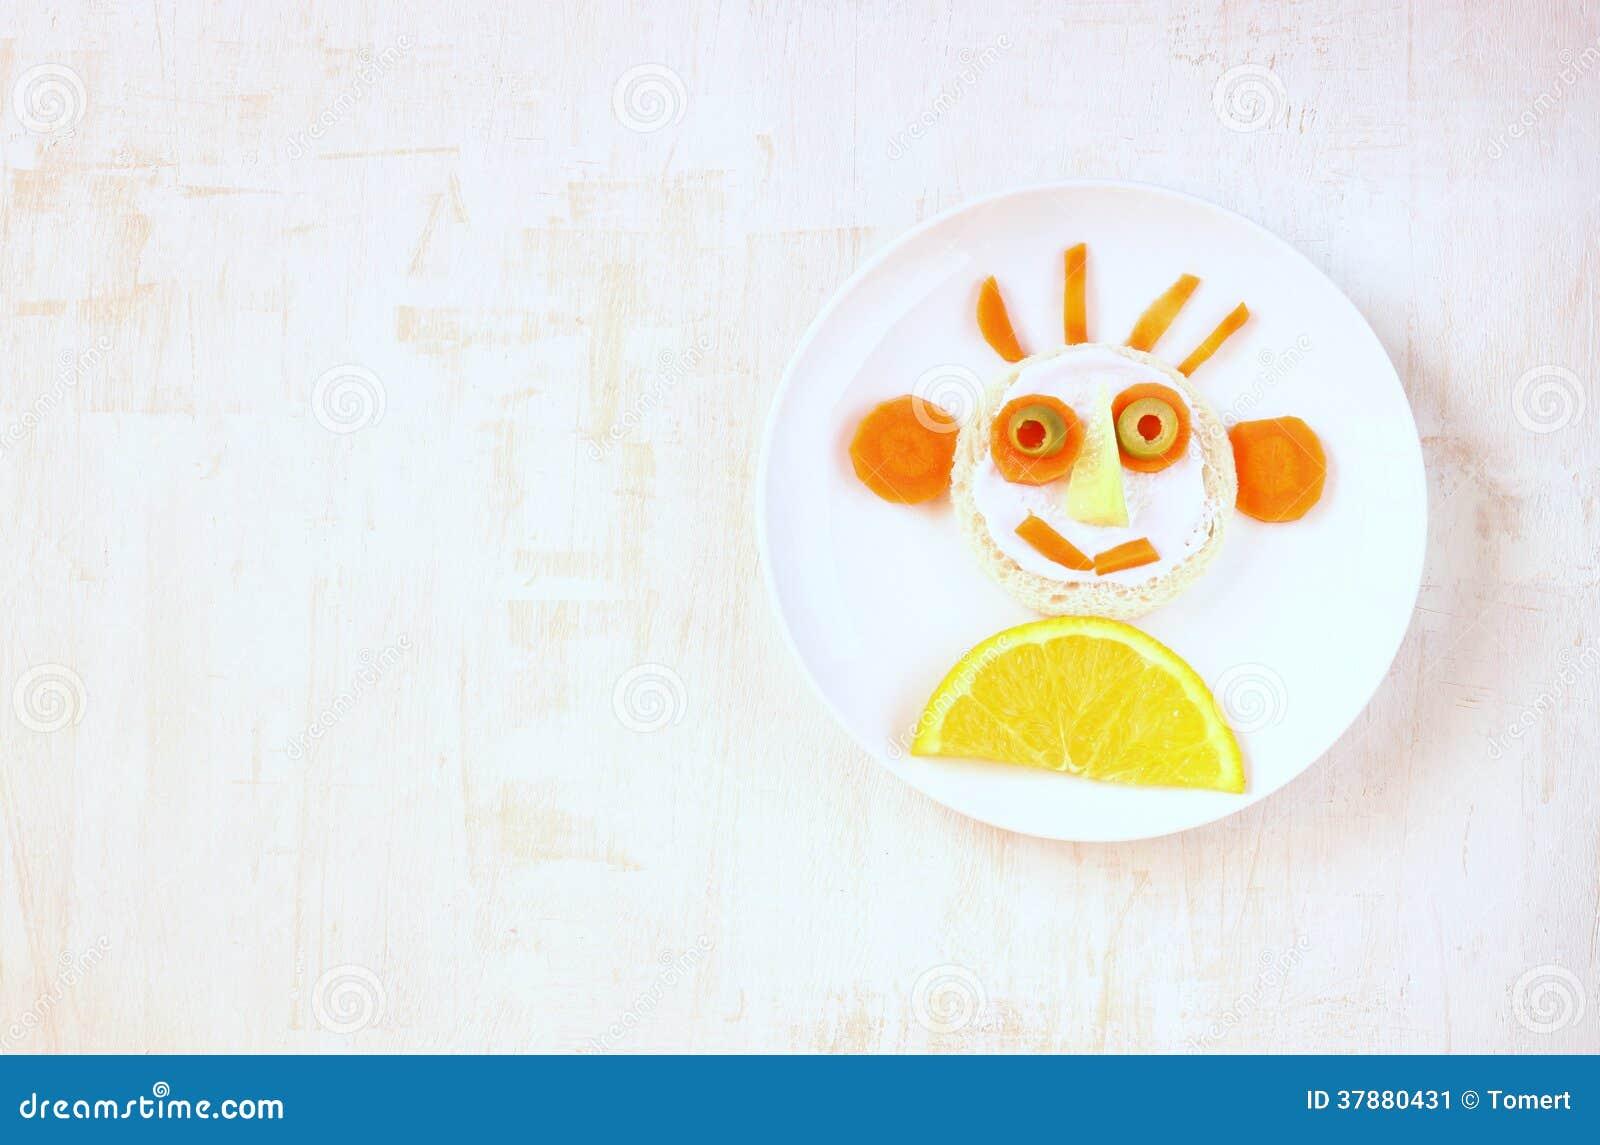 Smileygezicht dat van vruchten en groente wordt gemaakt